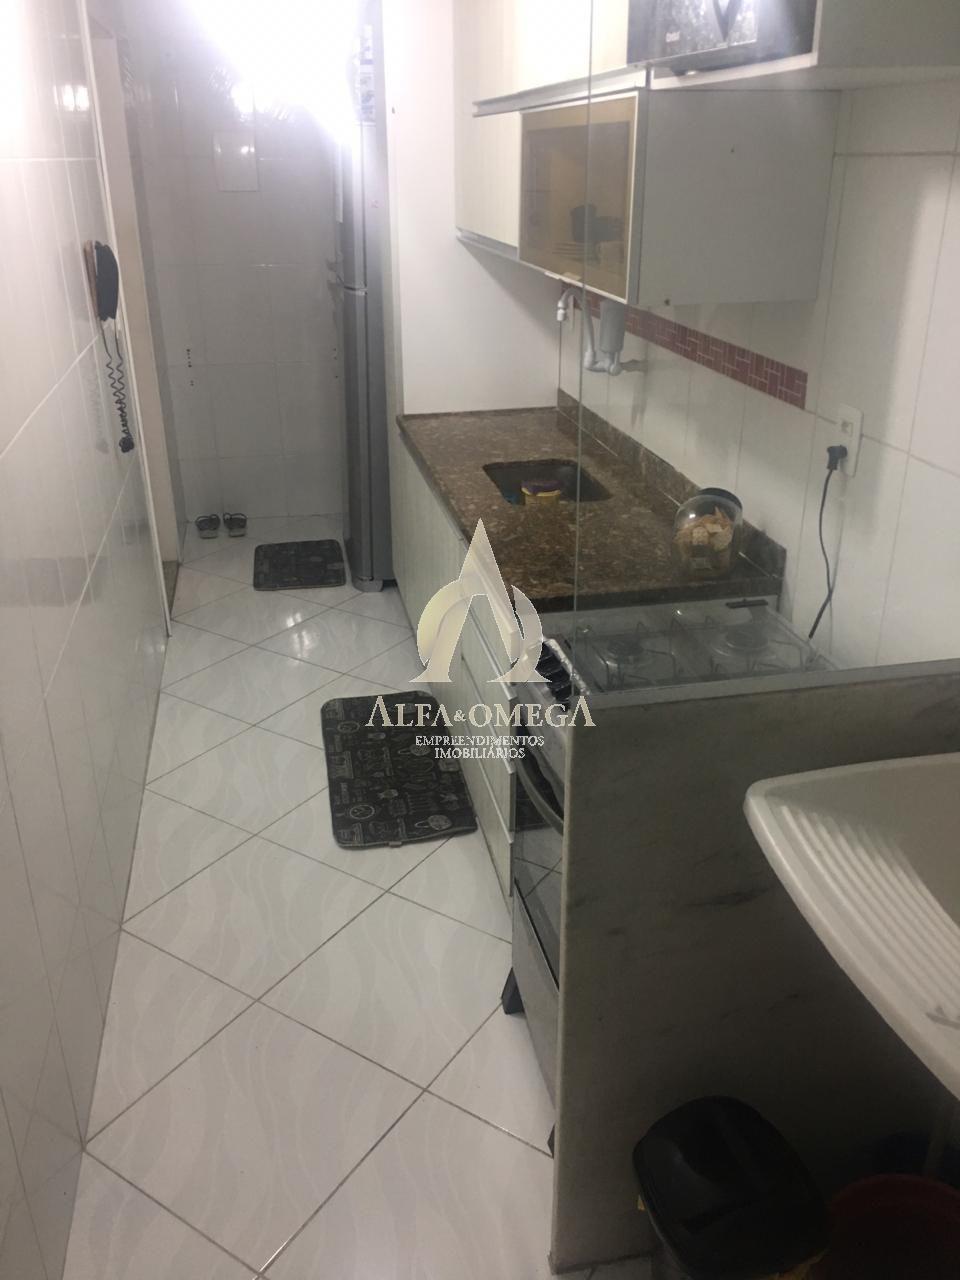 FOTO 19 - Apartamento Pechincha,Rio de Janeiro,RJ À Venda,2 Quartos,60m² - AOJ20048 - 19